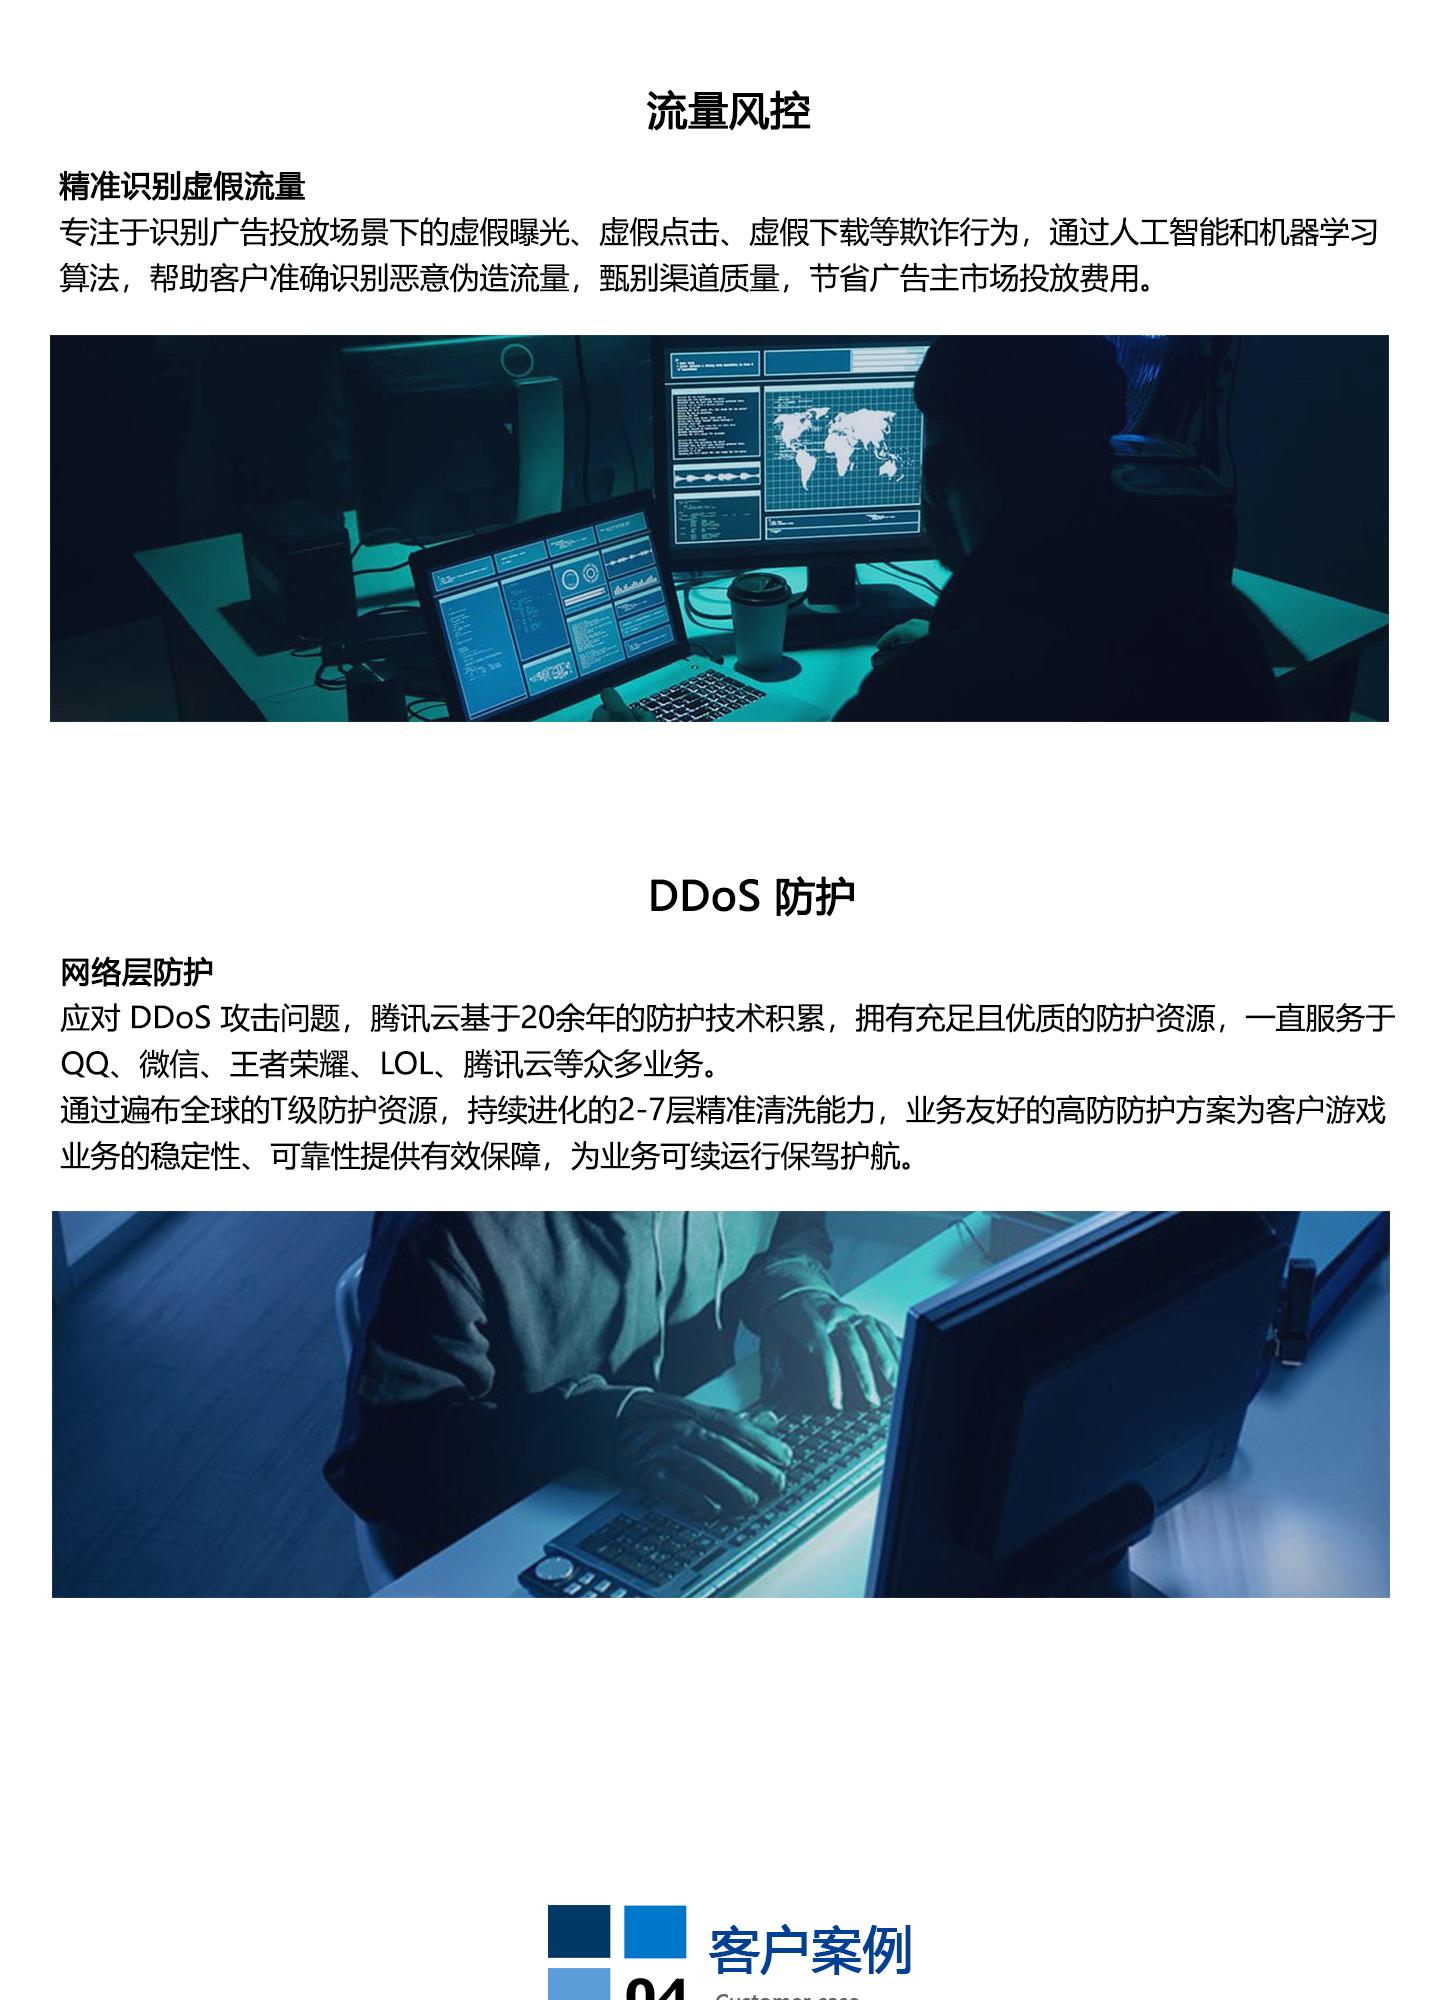 游戏行业安全解决方案1440_06.jpg